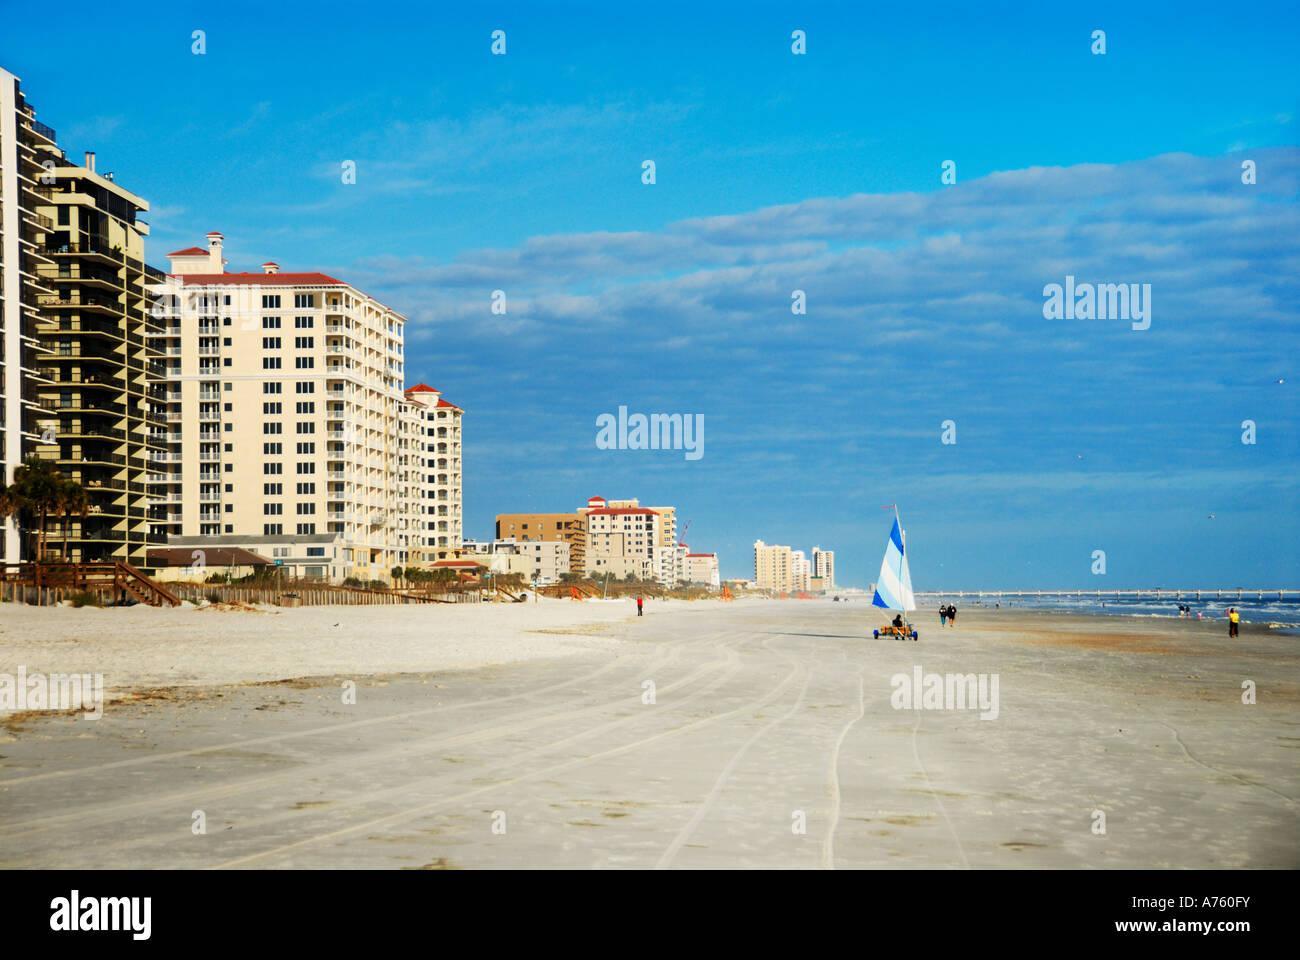 services de rencontres Jacksonville FL